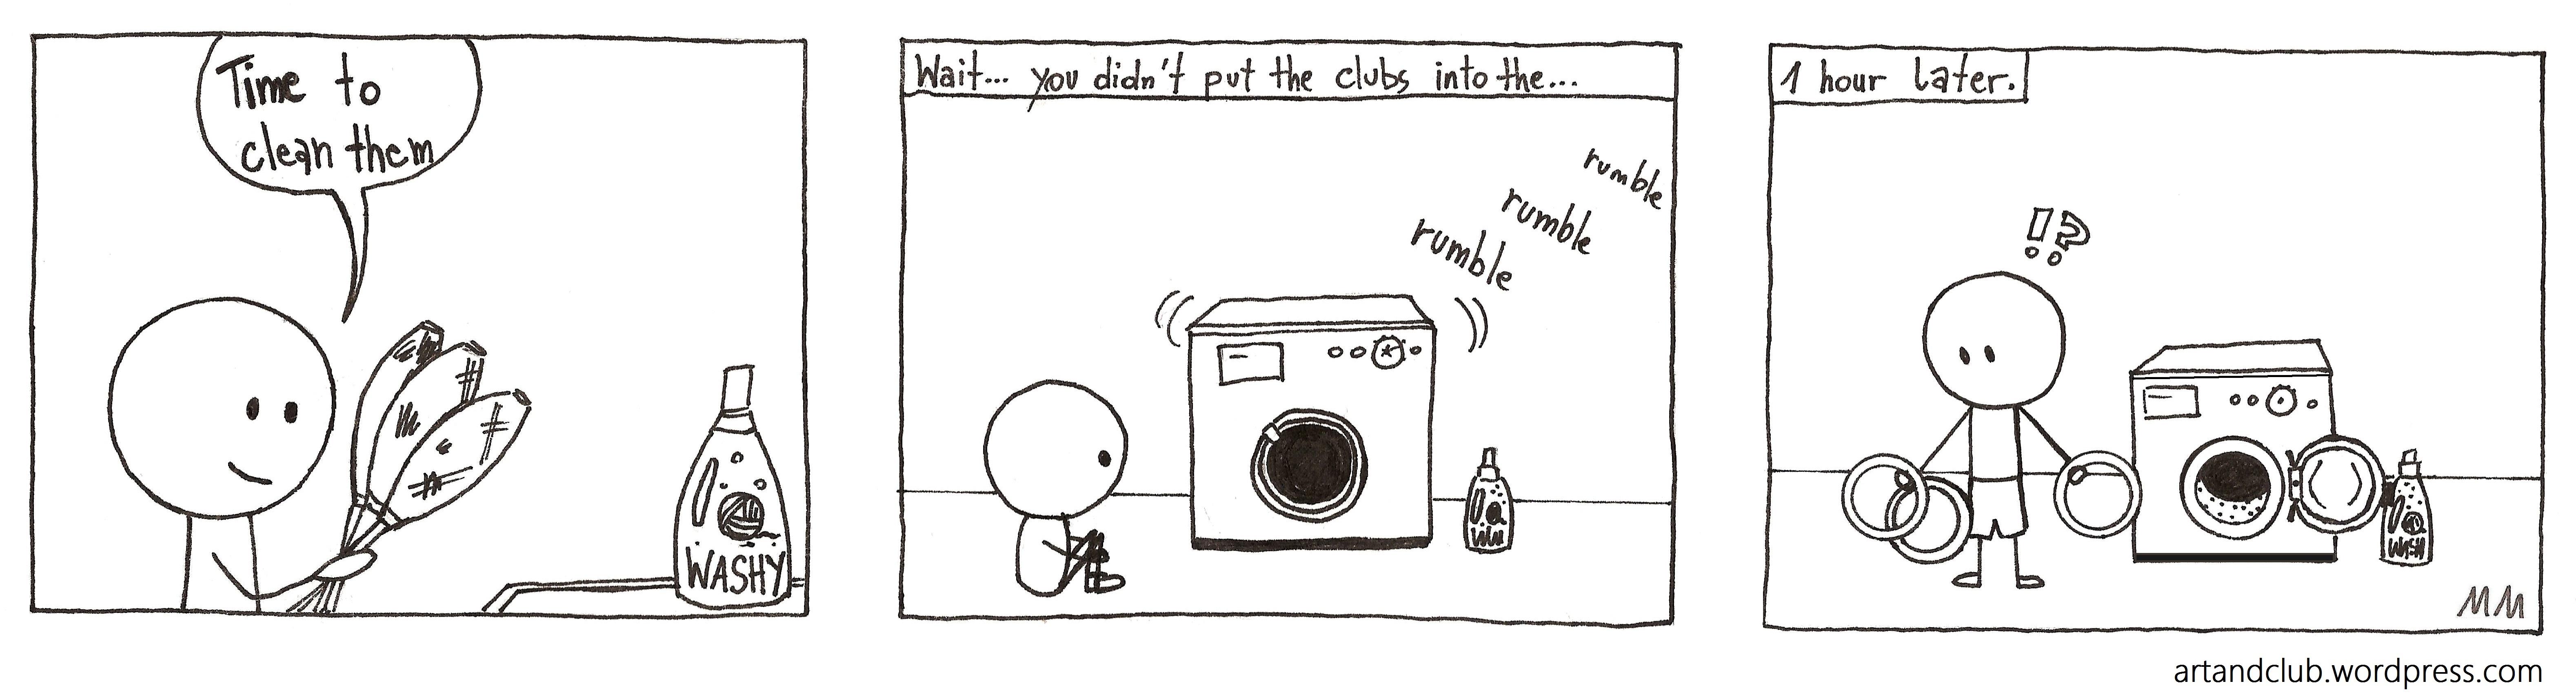 Clean Clubs - komprimiert